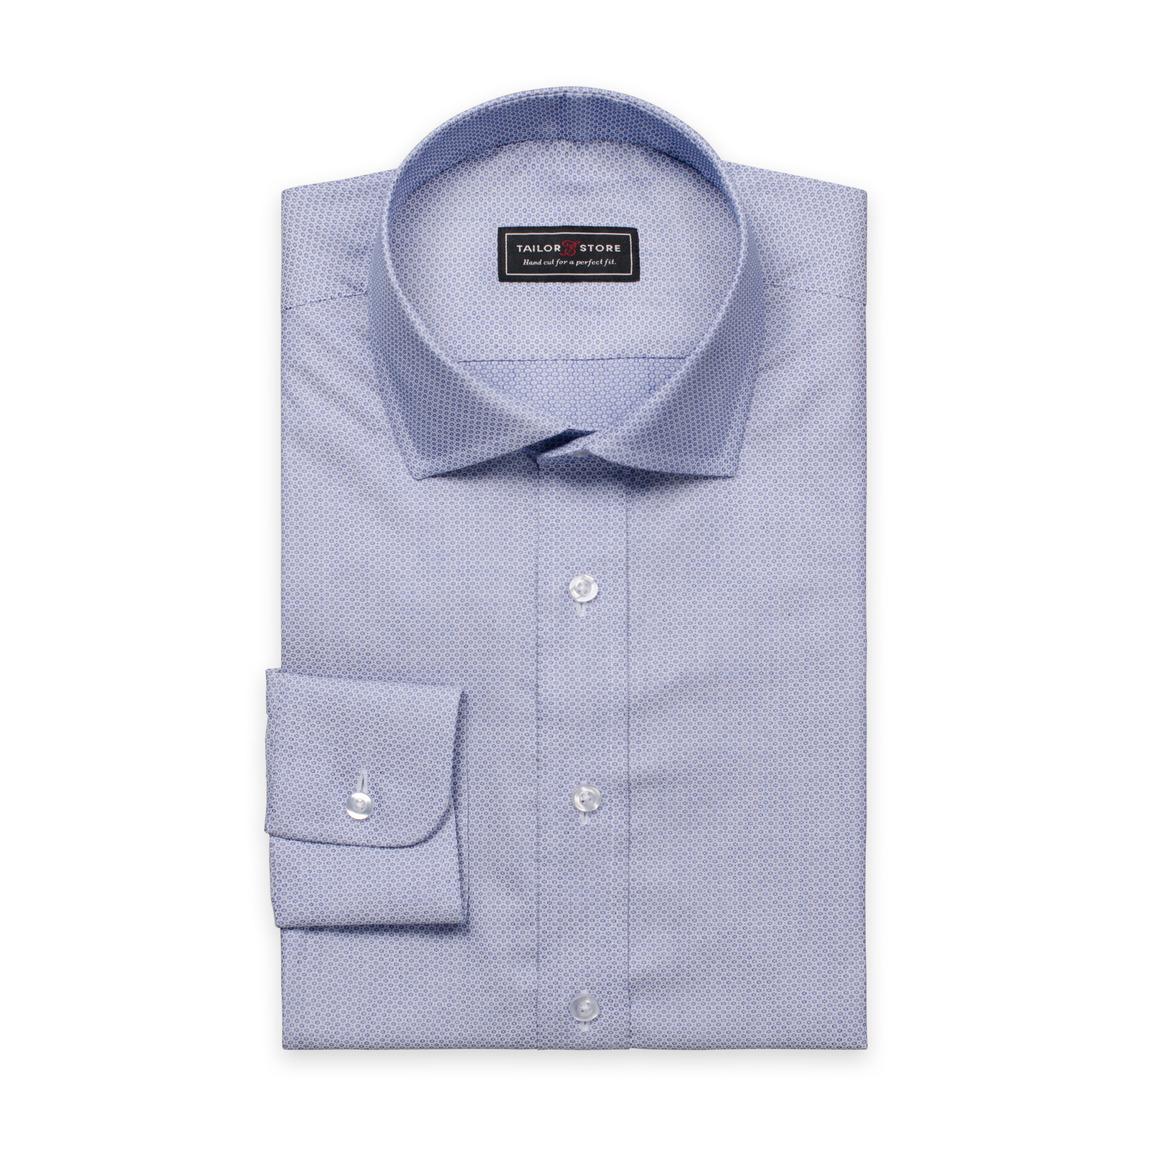 Light blue cut-away superior shirt